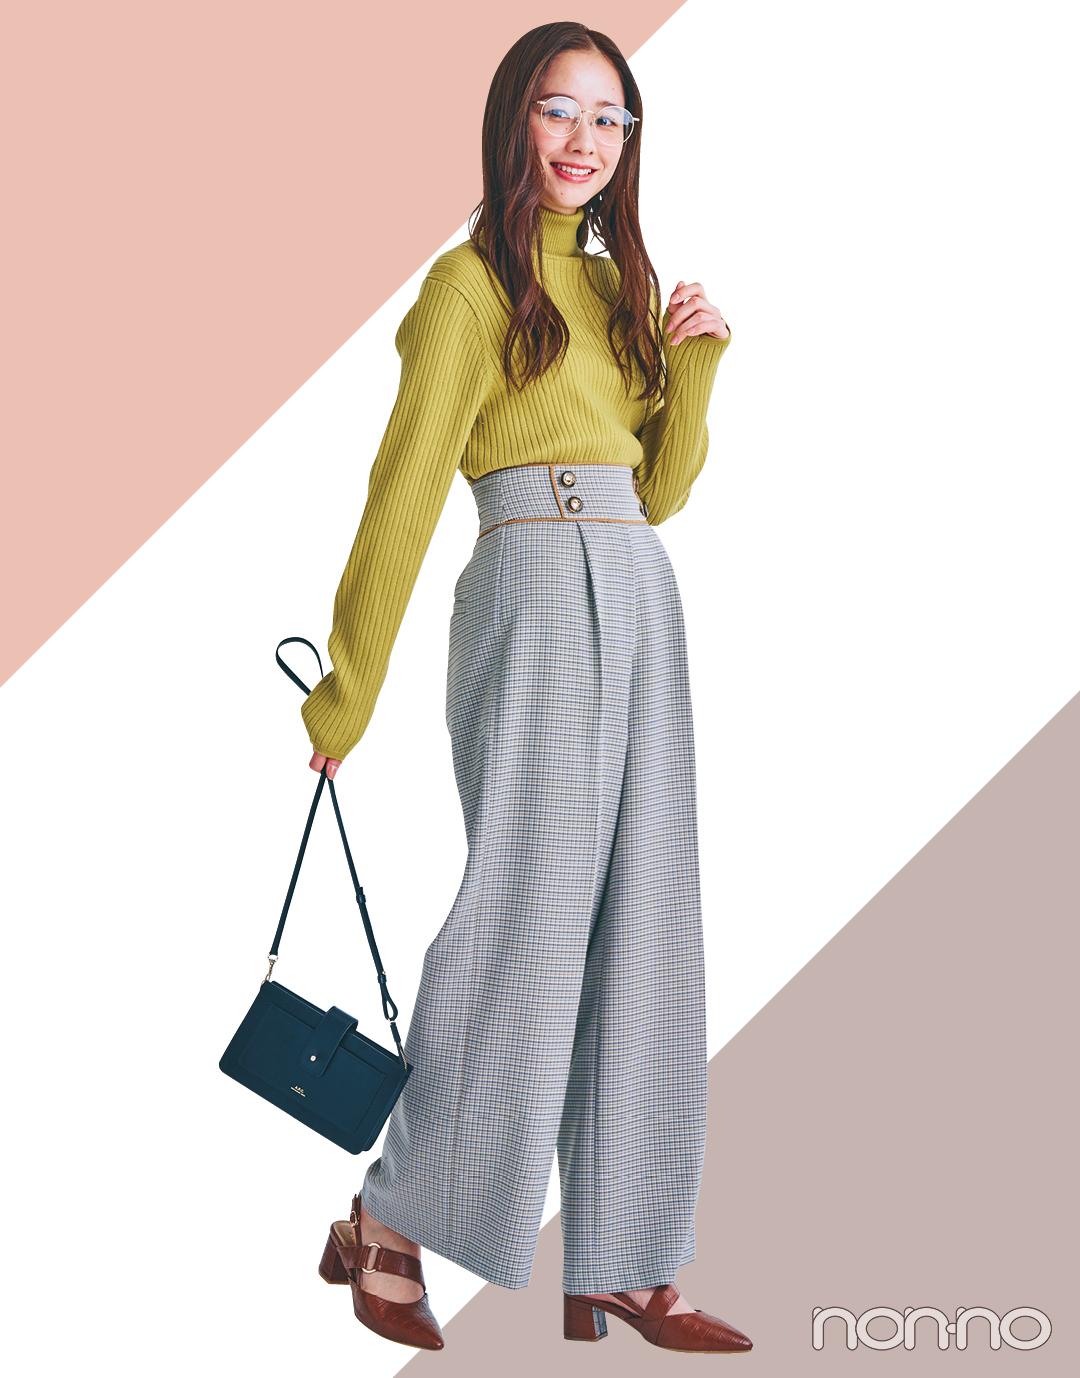 """【2021年ファッショントレンド vol.9】""""オーバーサイズ""""は卒業! 春はウエストマークでスタイルアップが正解!_1_4"""